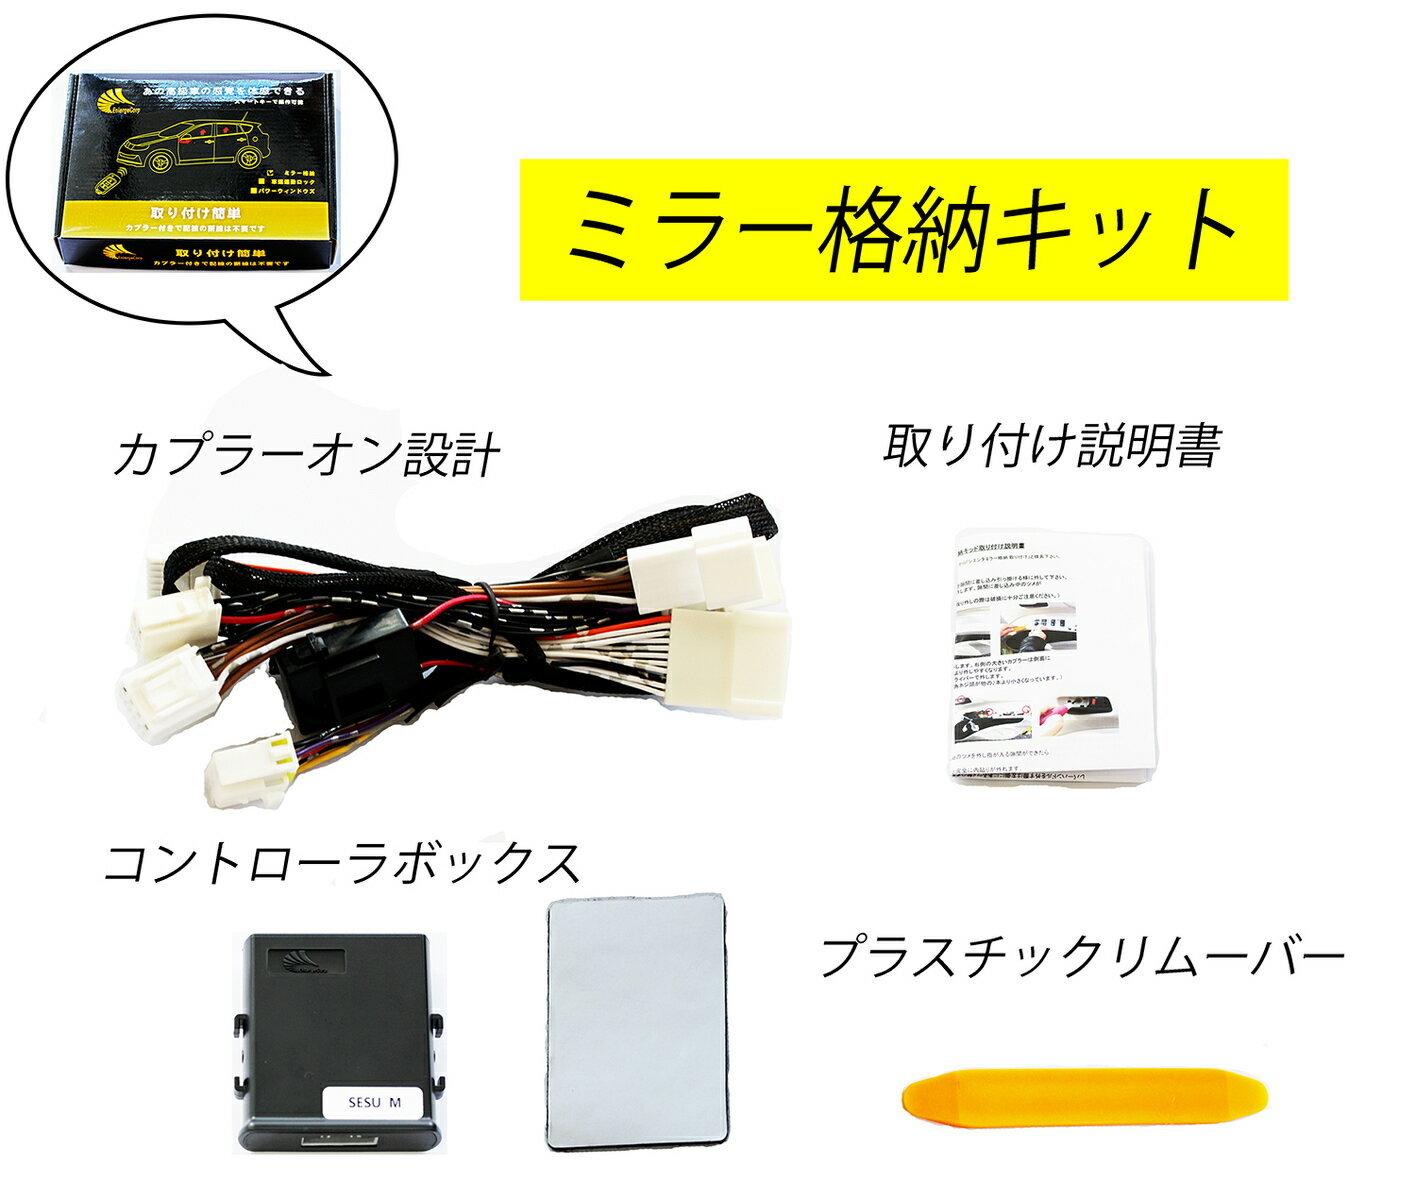 連動ドアミラー格納キットカローラスポーツ・カローラツーリング・新型カローラ210系対応